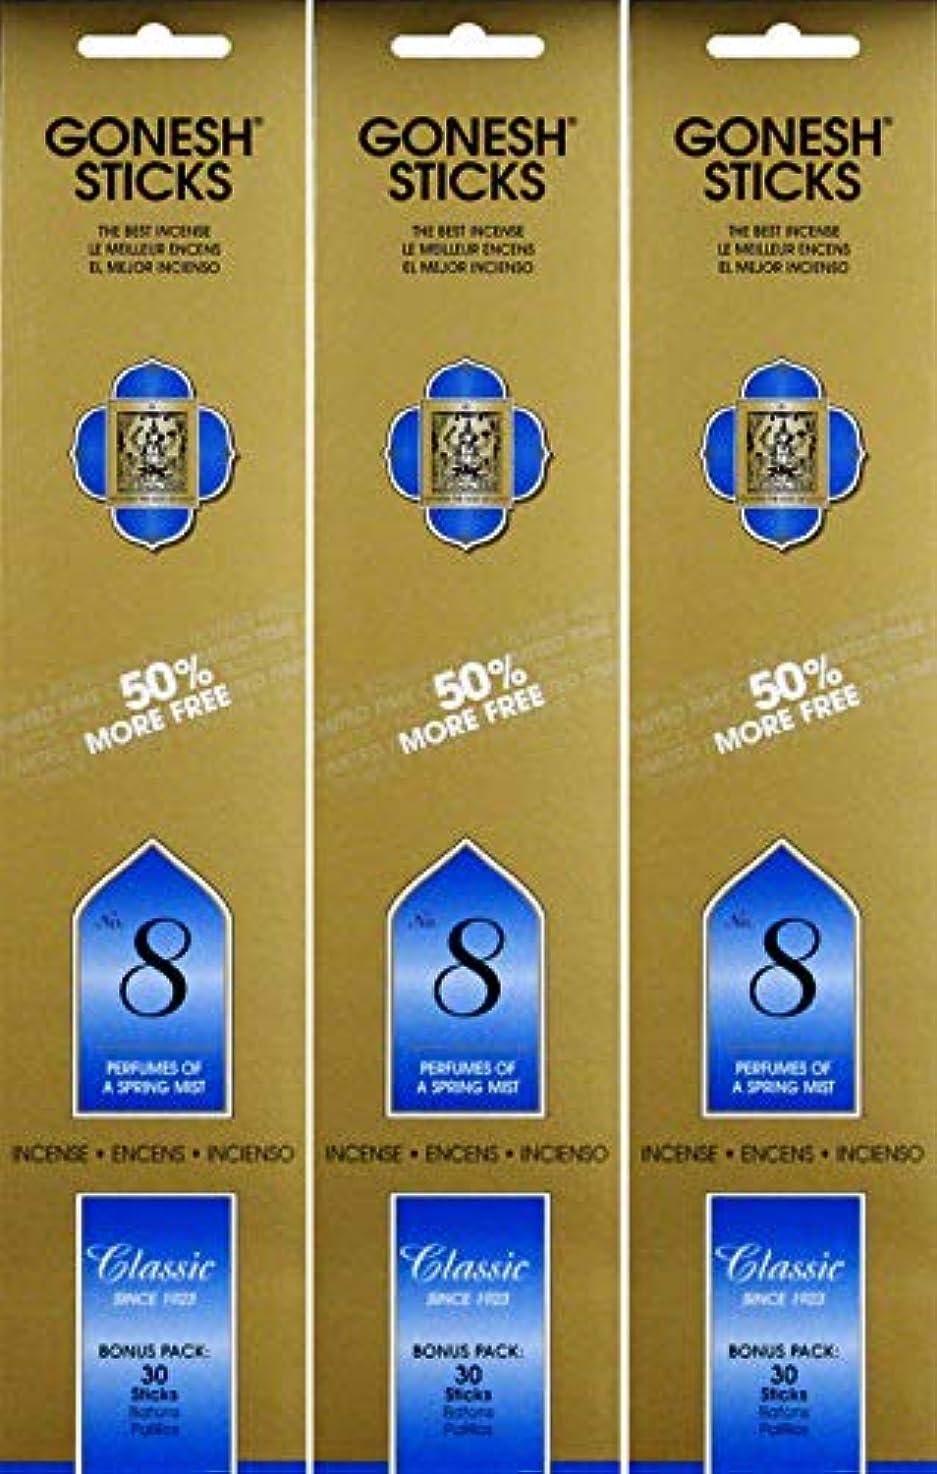 改修する追う是正するGonesh #8 Bonus Pack 30 sticks ガーネッシュ#8 ボーナスパック30本入 3個組 90本